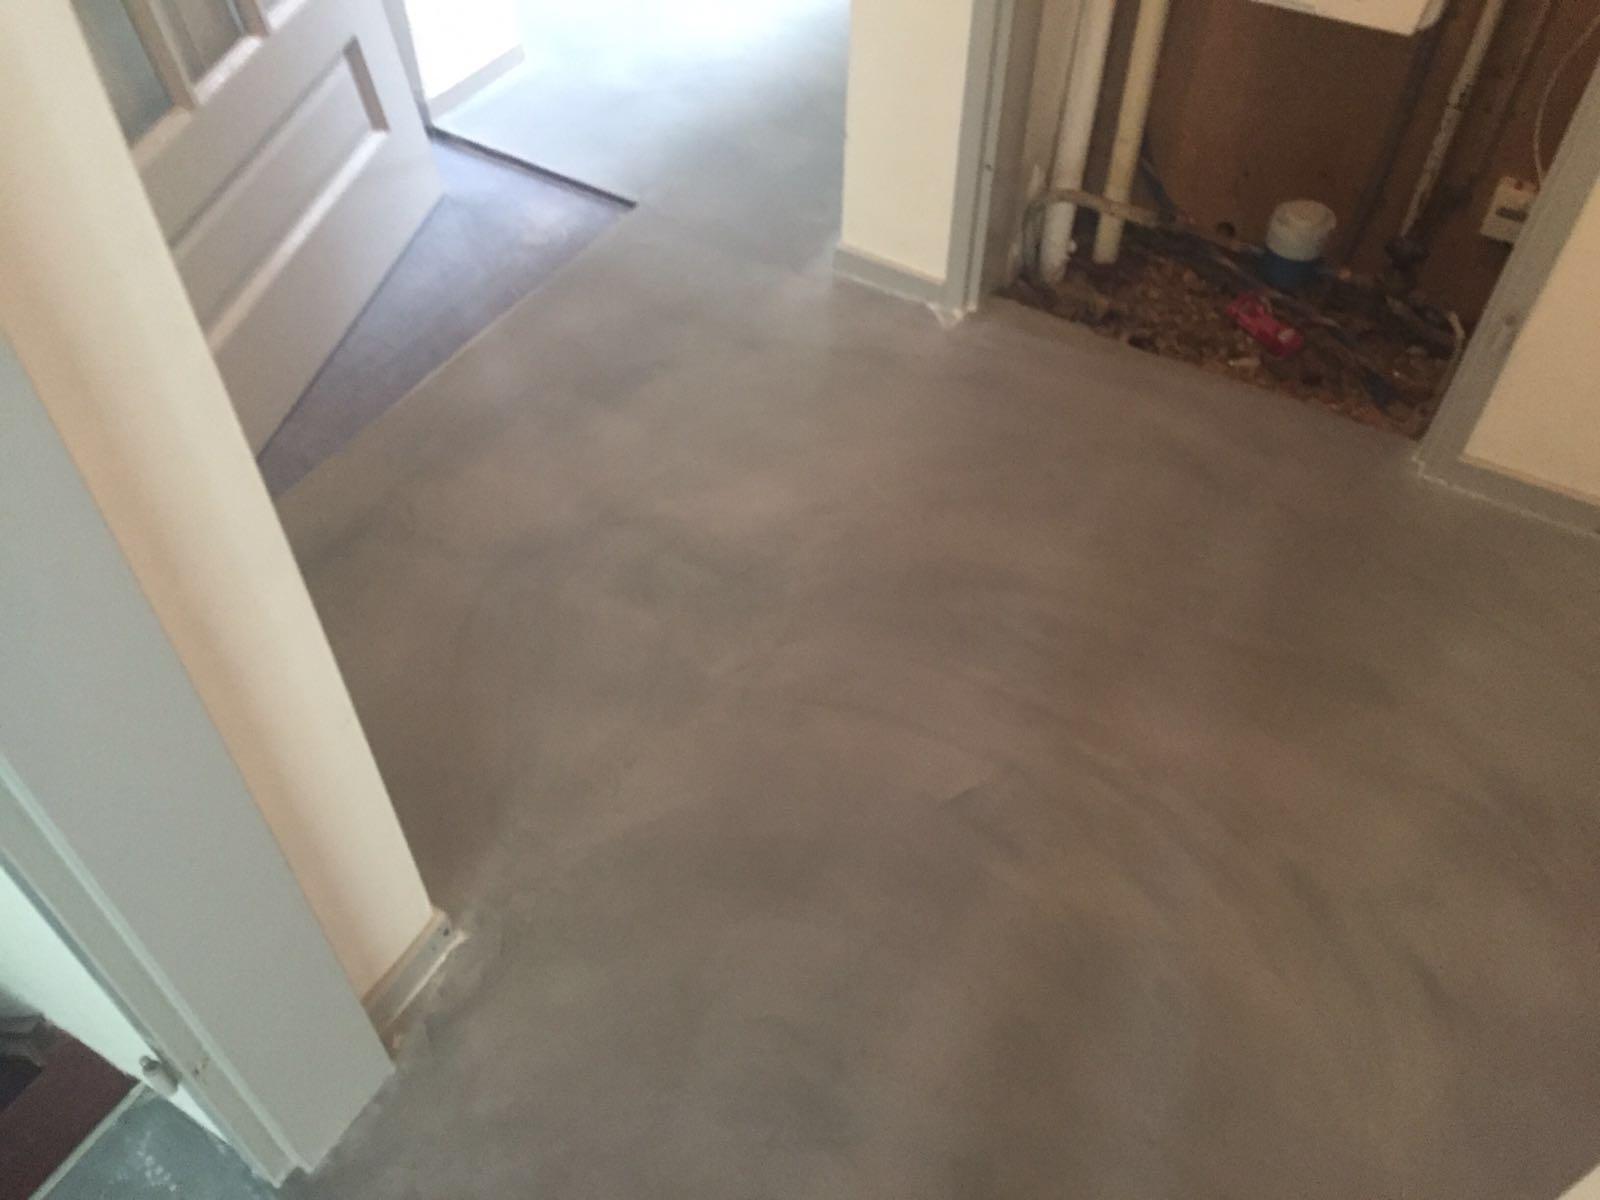 Vloeren Op Beton : Leef beton vloer in de kleur r betonstuc leef beton